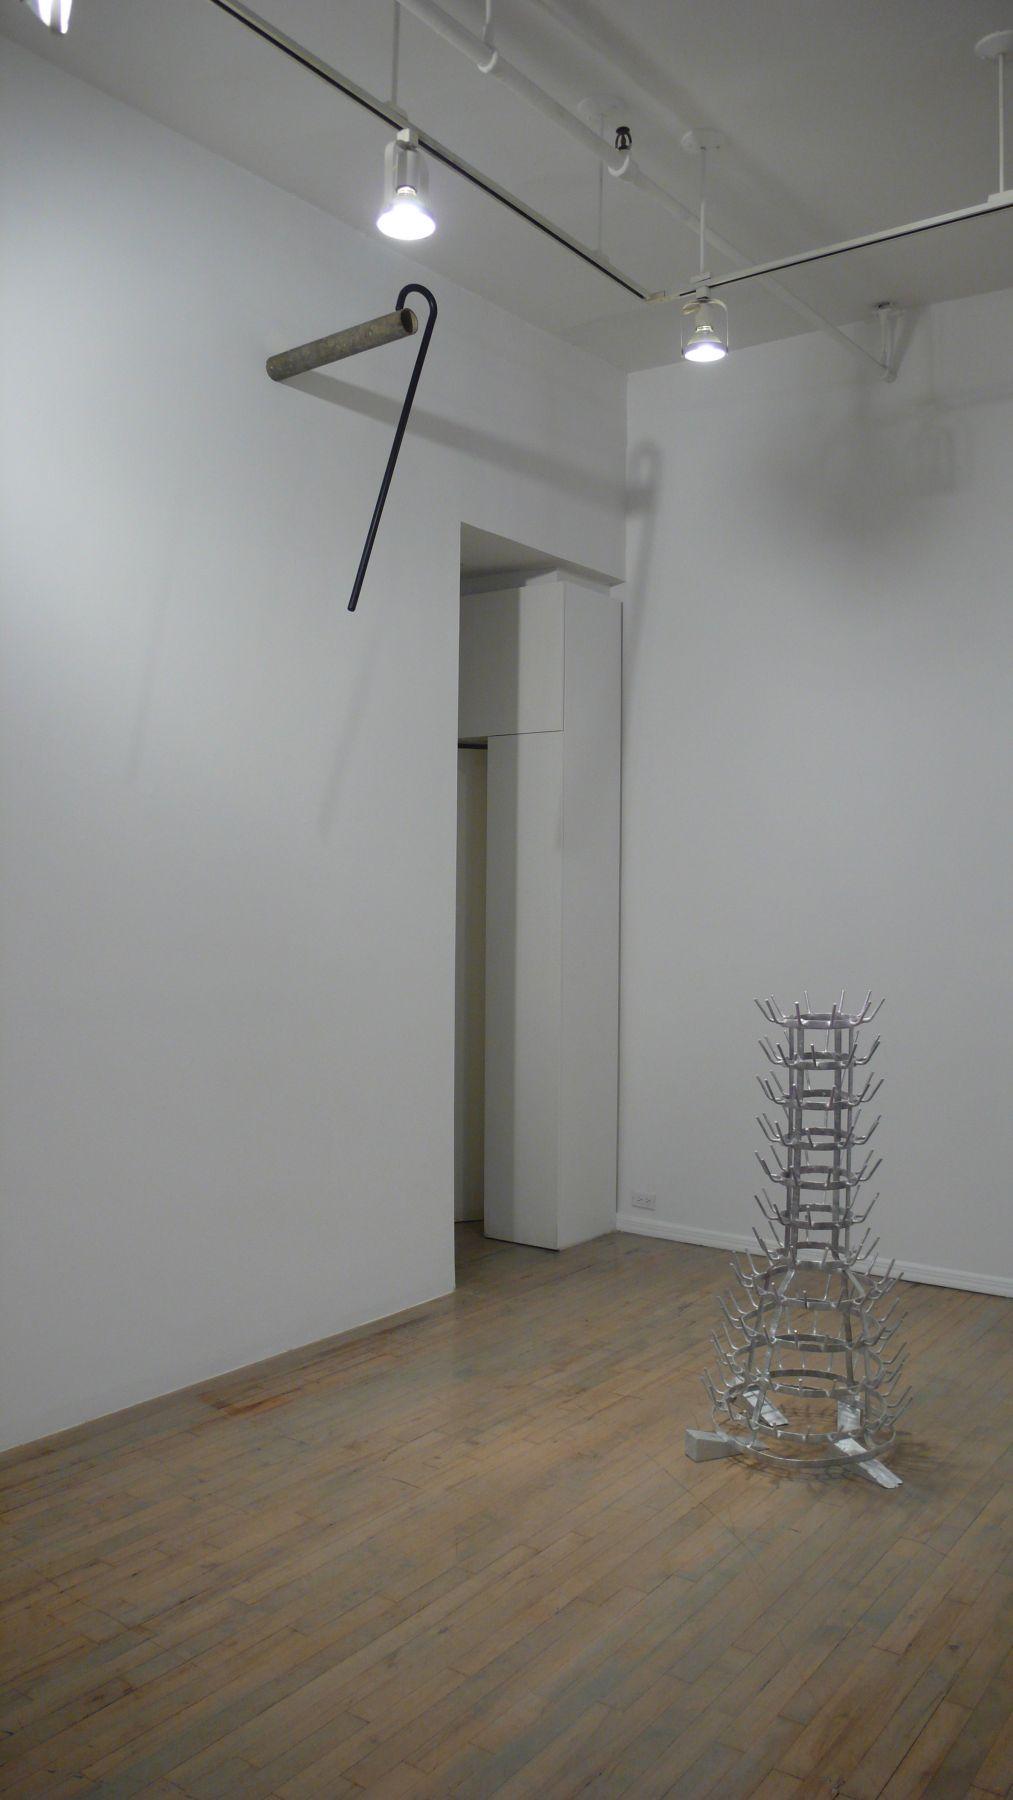 Richard Wentworth – installation view 3